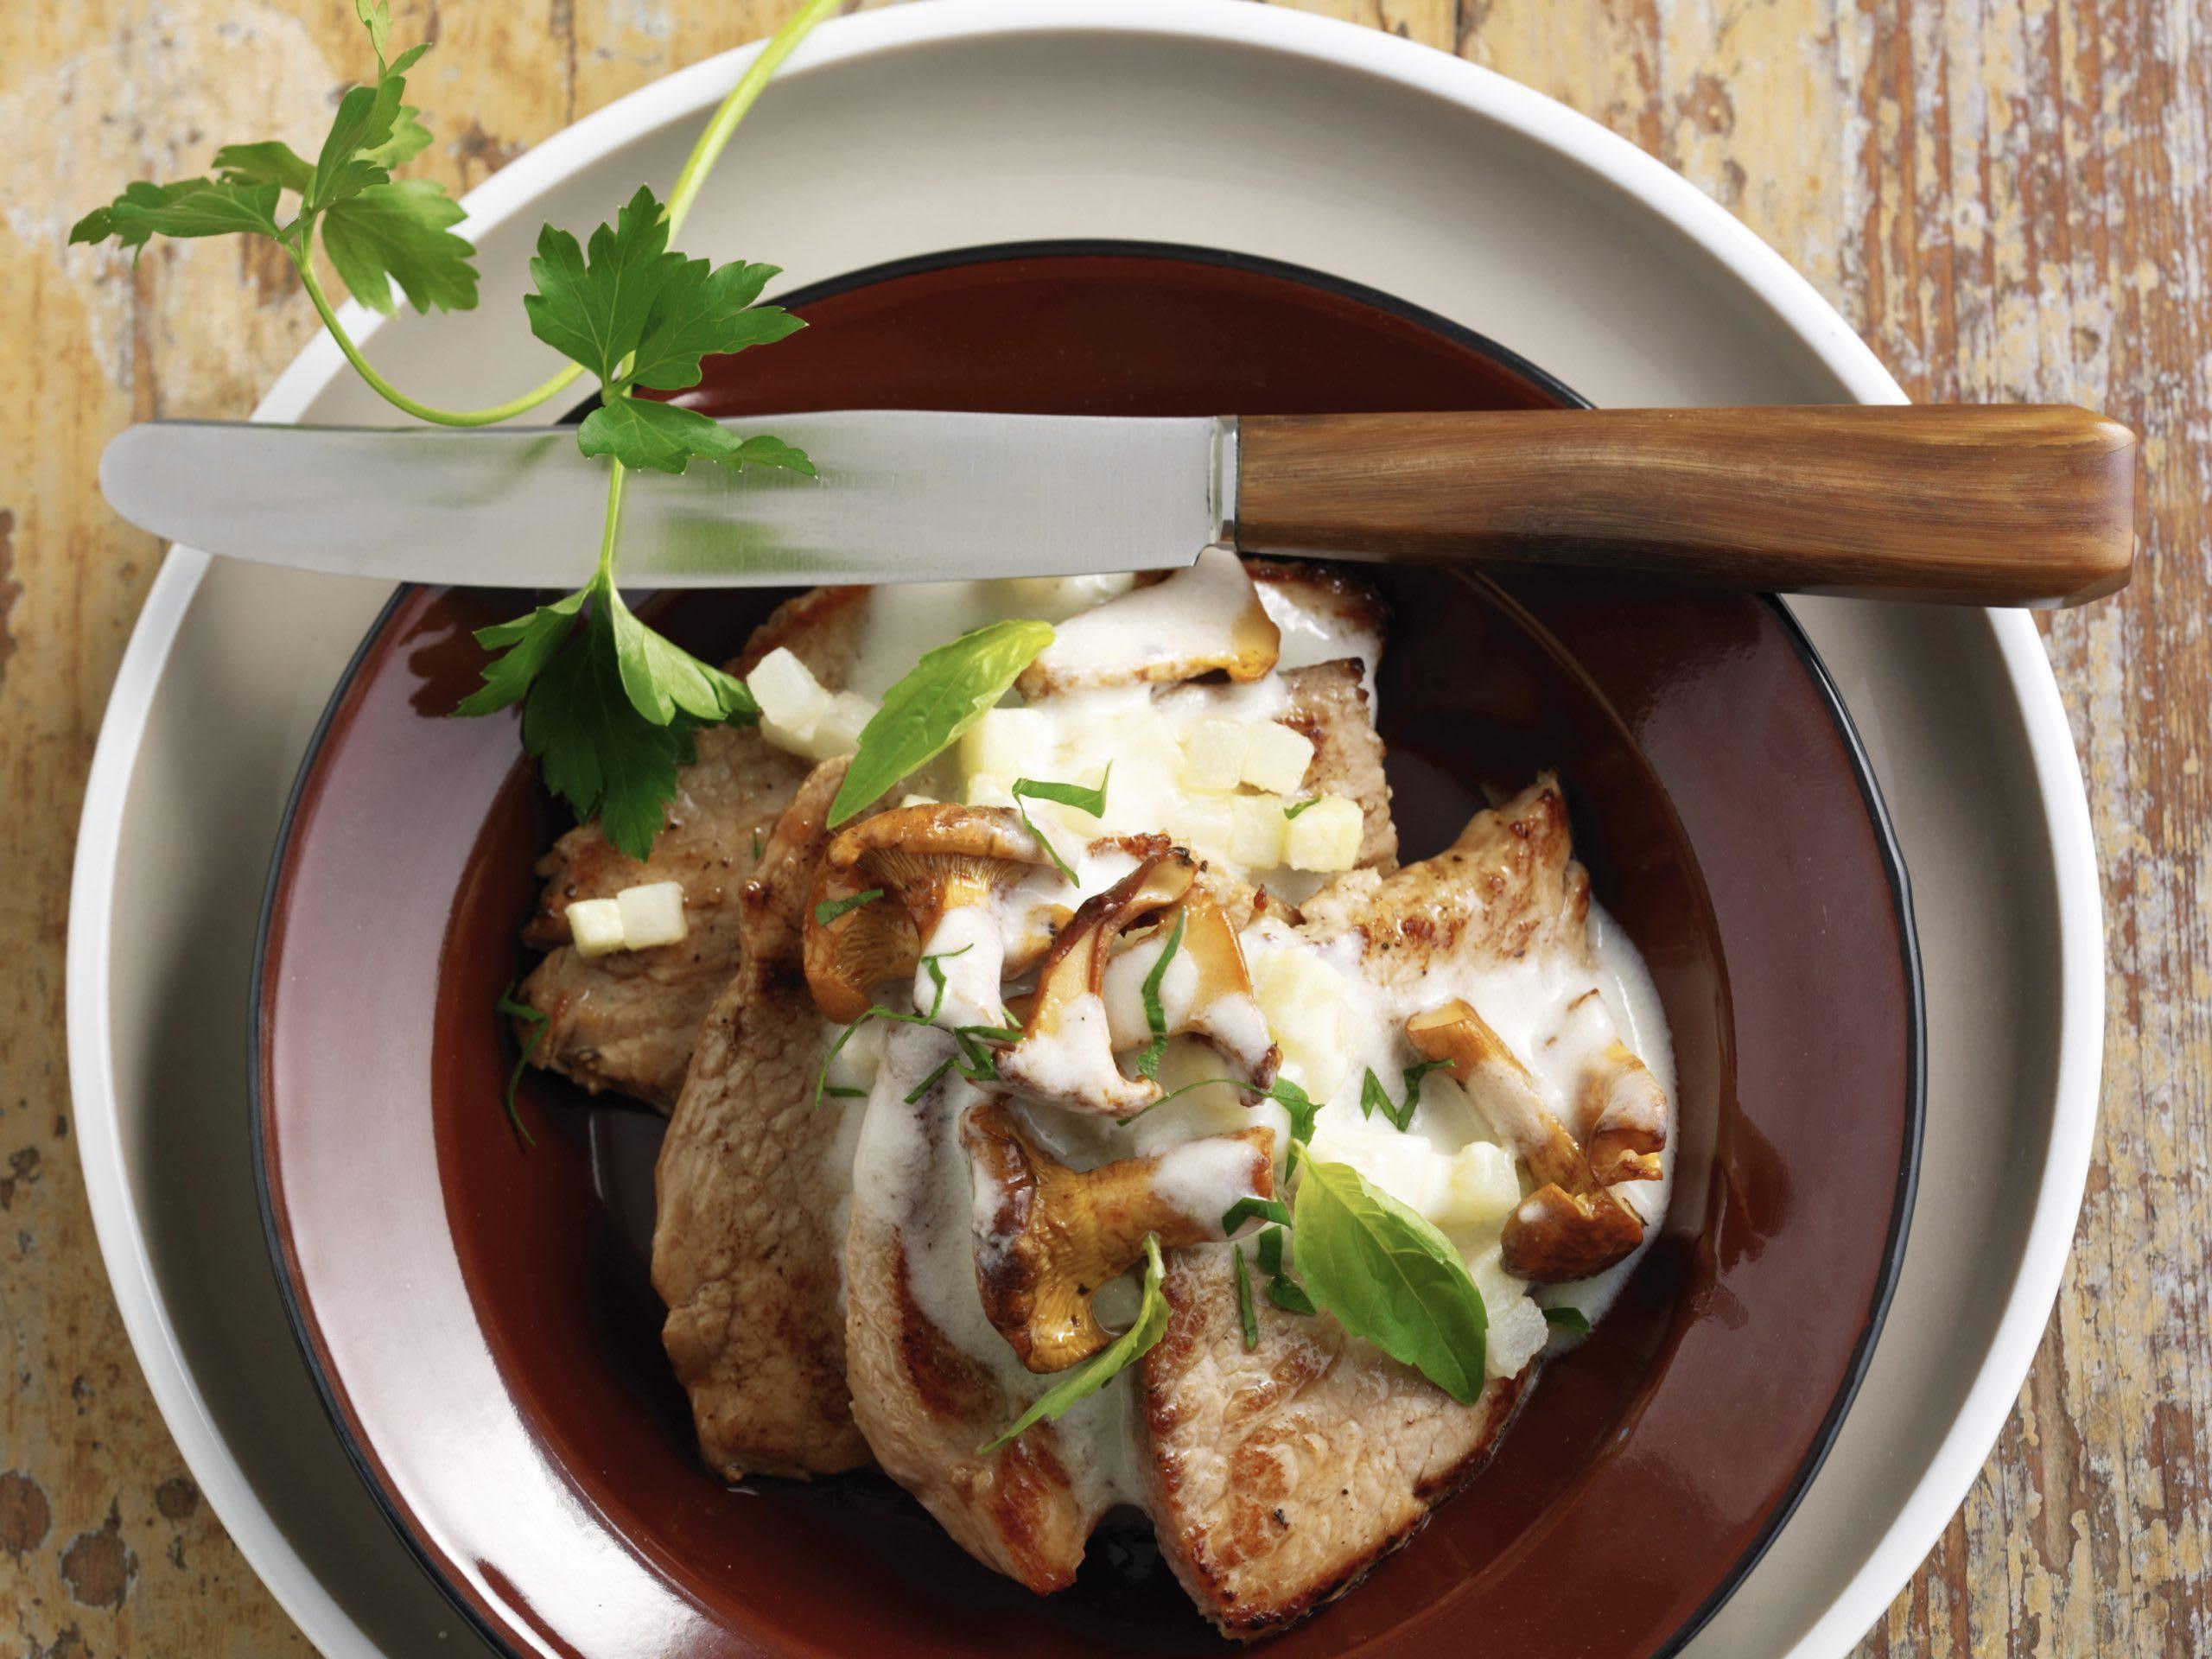 Kalbsschnitzel an Kohlrabisauce